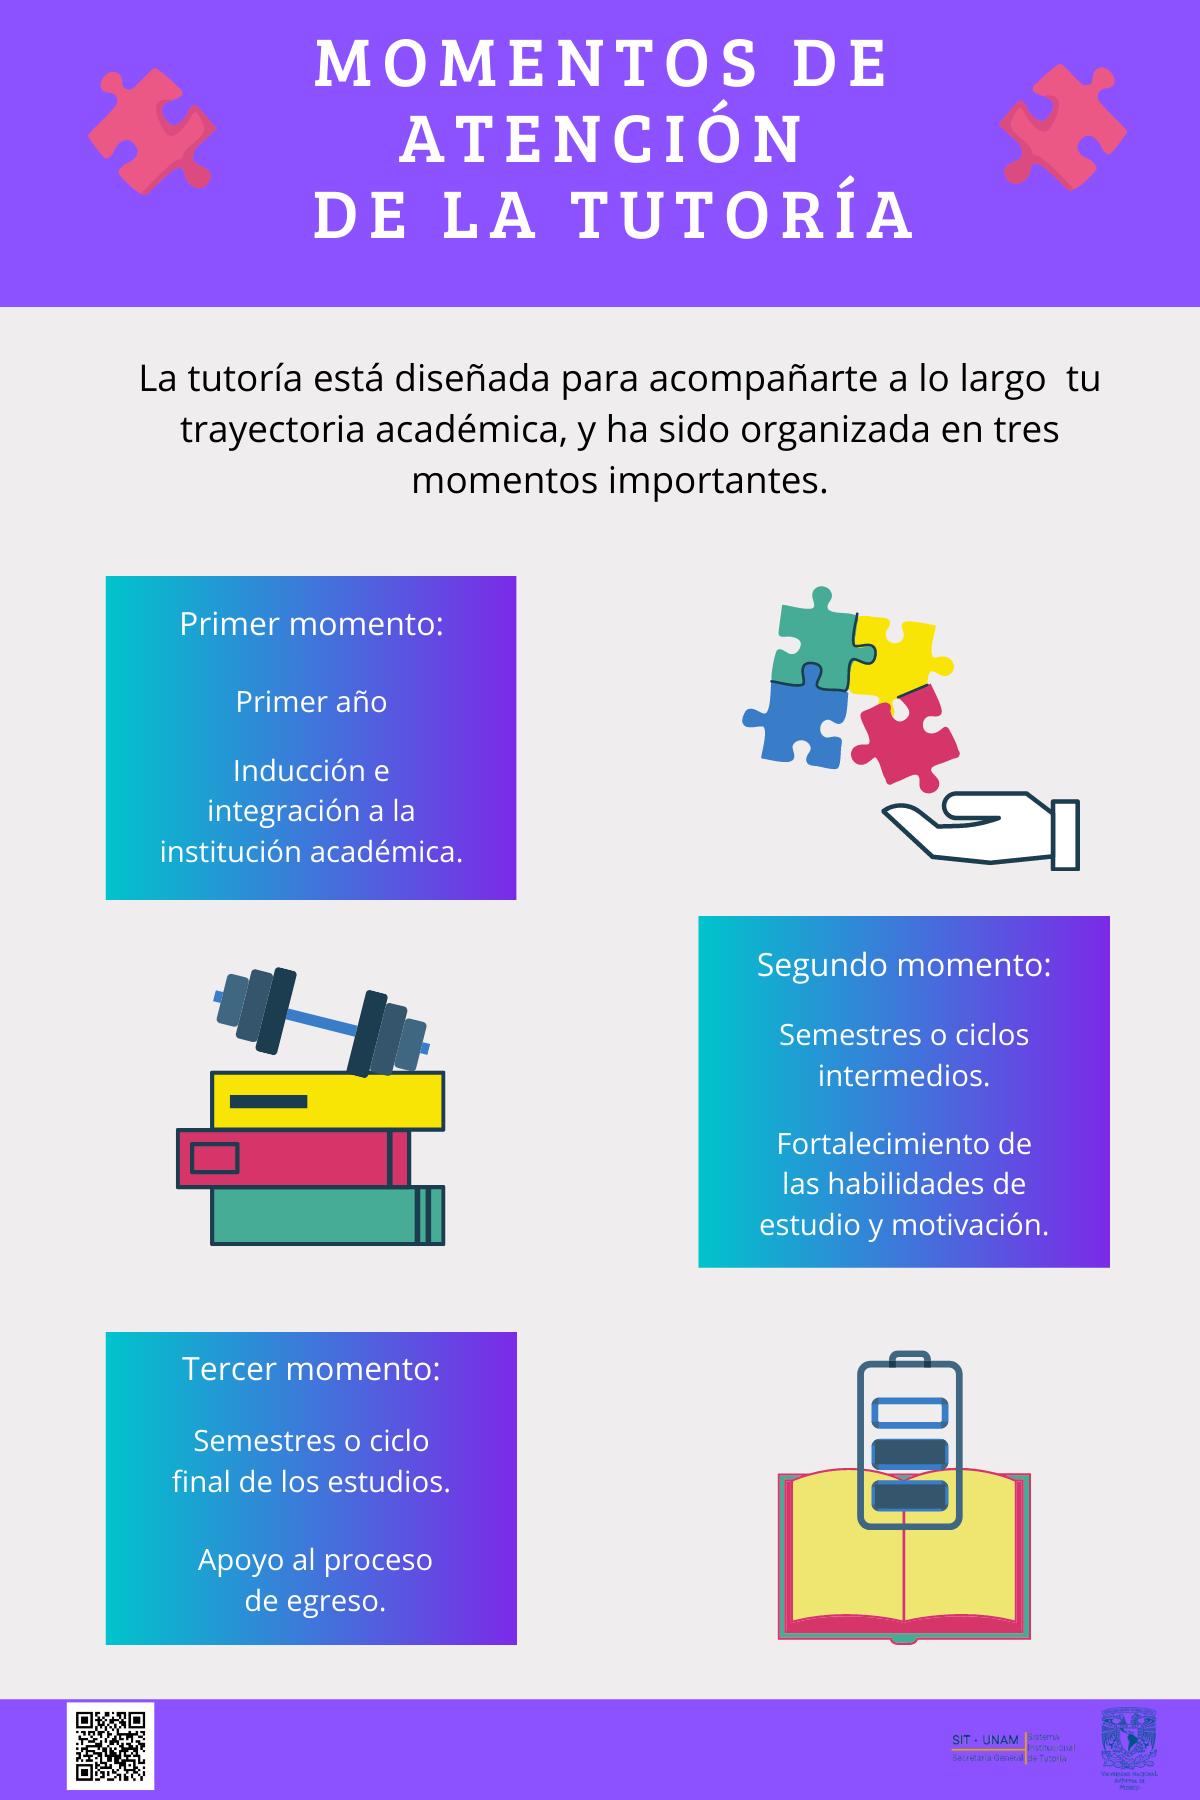 Momentos_de_la_tutoría